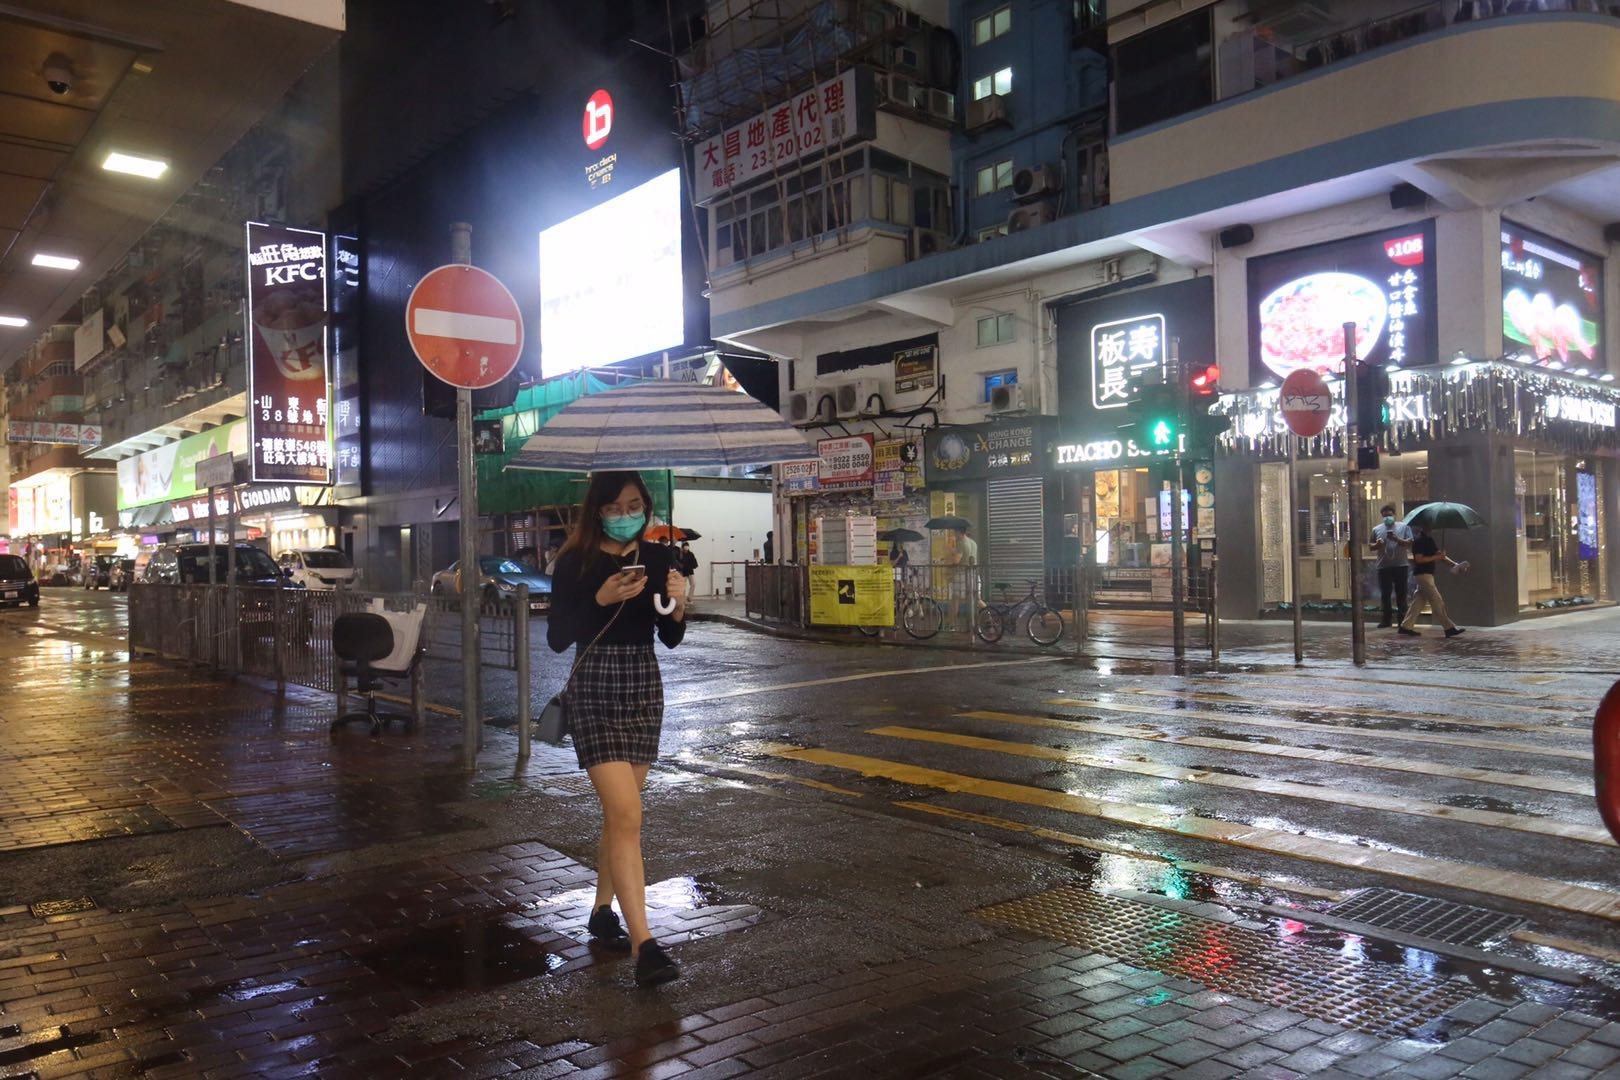 天文台7時40分改發三號強風信號,晚上街道氣氛平靜。(大公文匯全媒體記者 馬丁 攝)